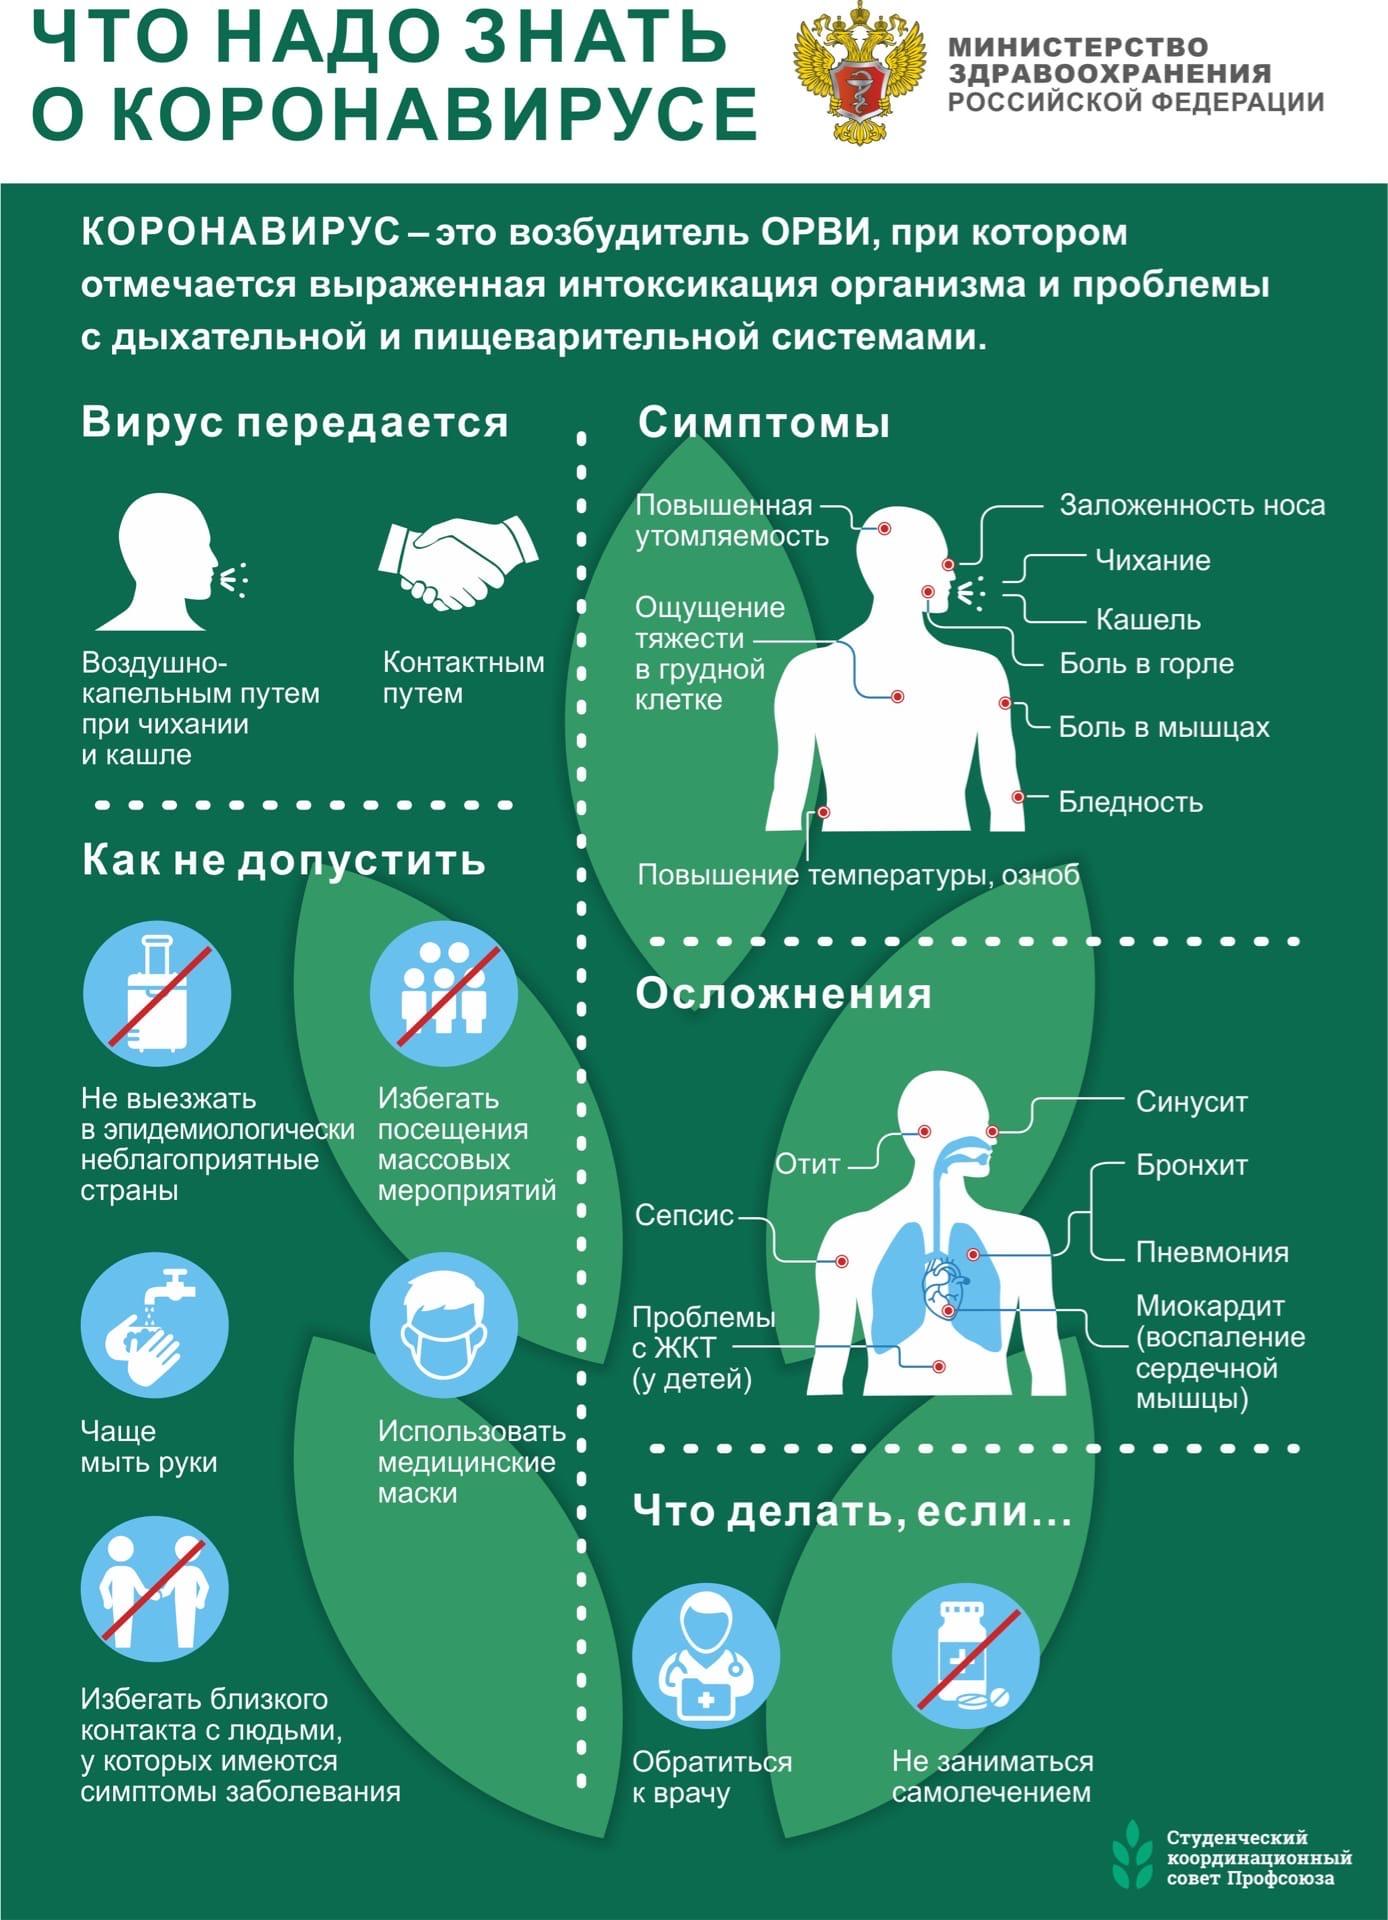 Что лечит врач-педиатр на приеме, должностная инструкция врача-педиатра